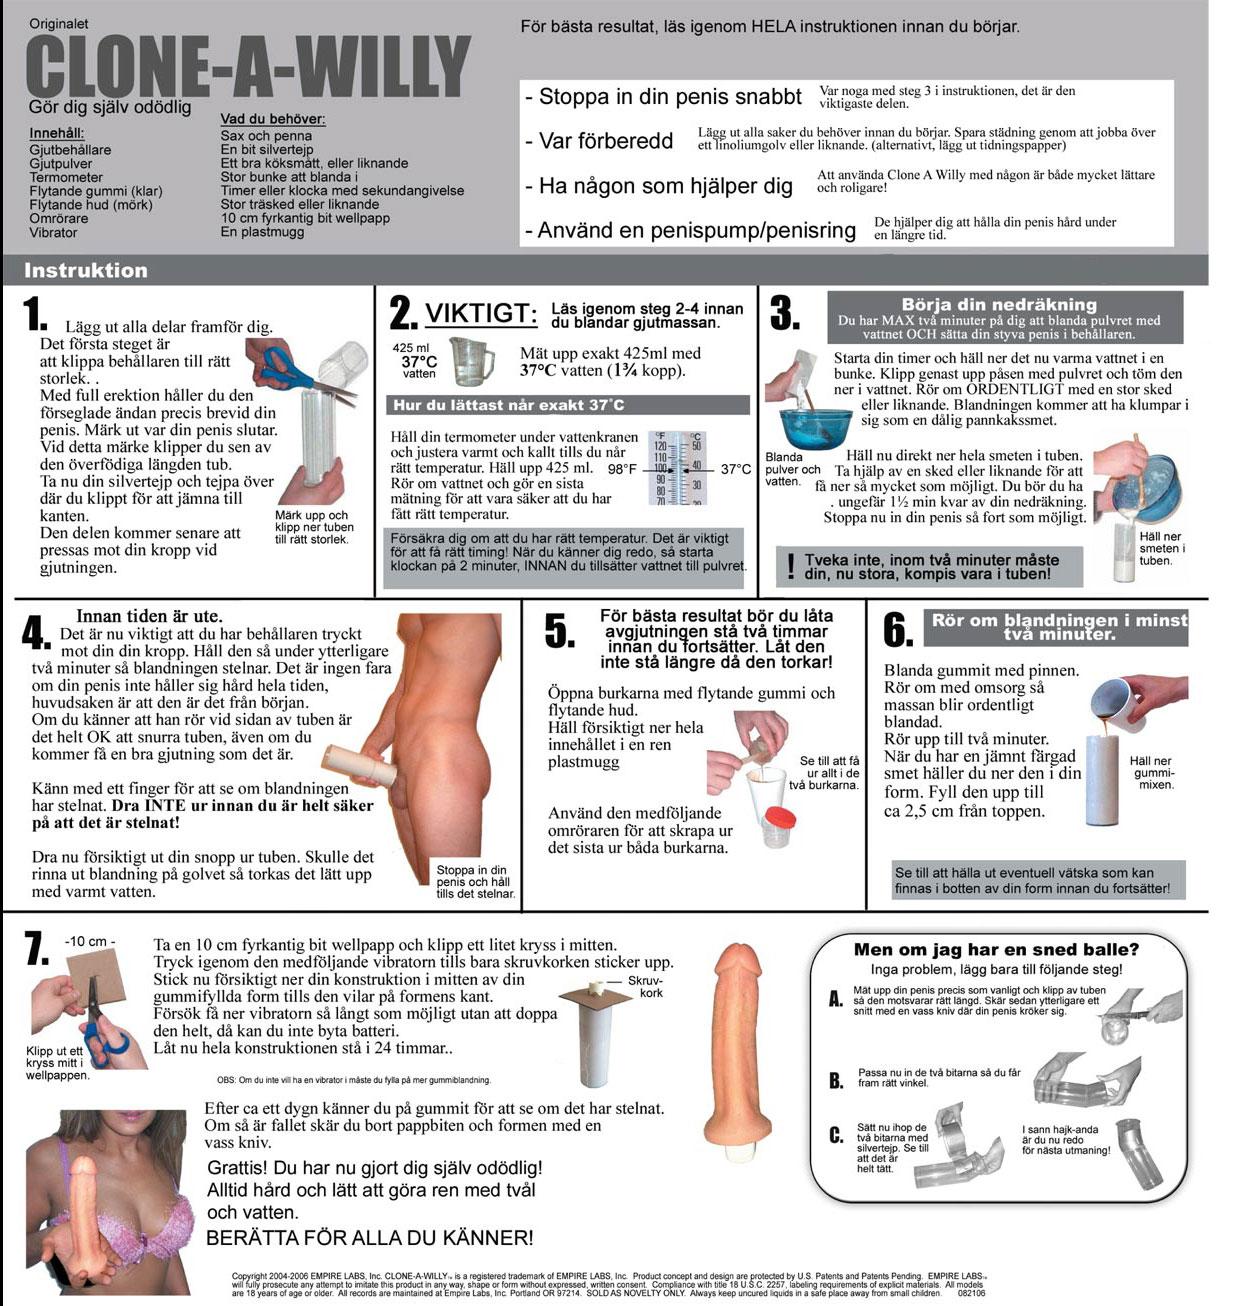 clone-a-willy-instruktioner-svenska